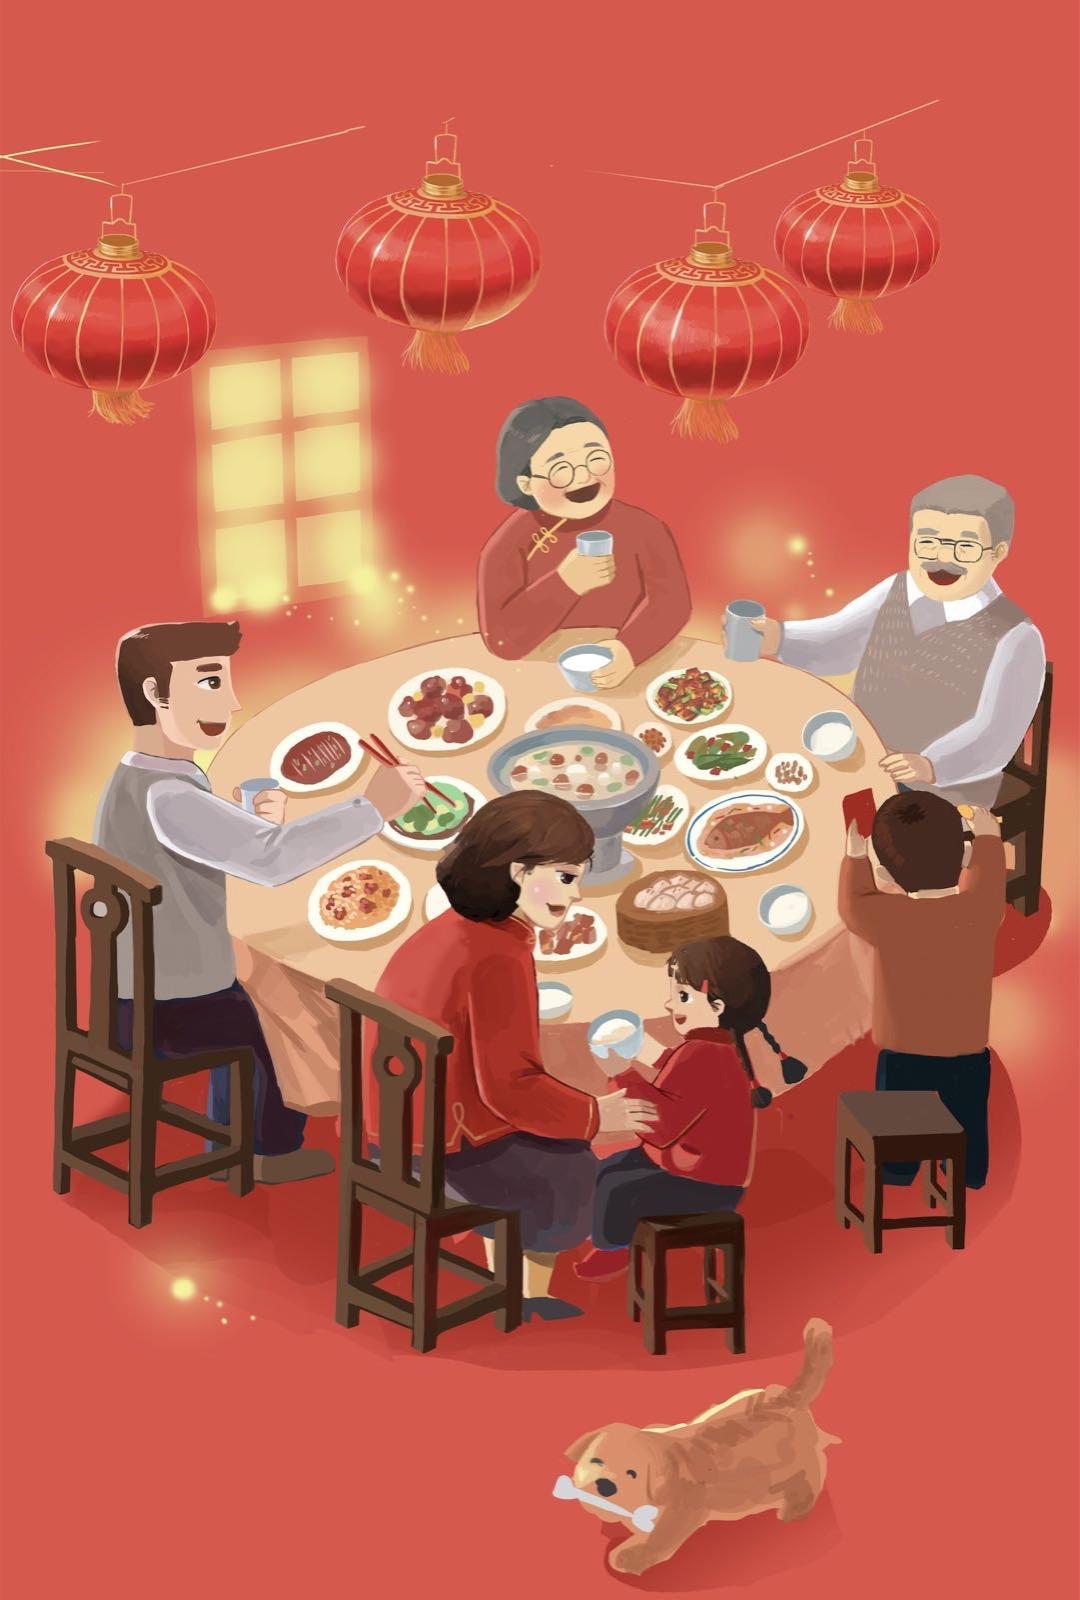 中国年夜饭(插画师Zero)